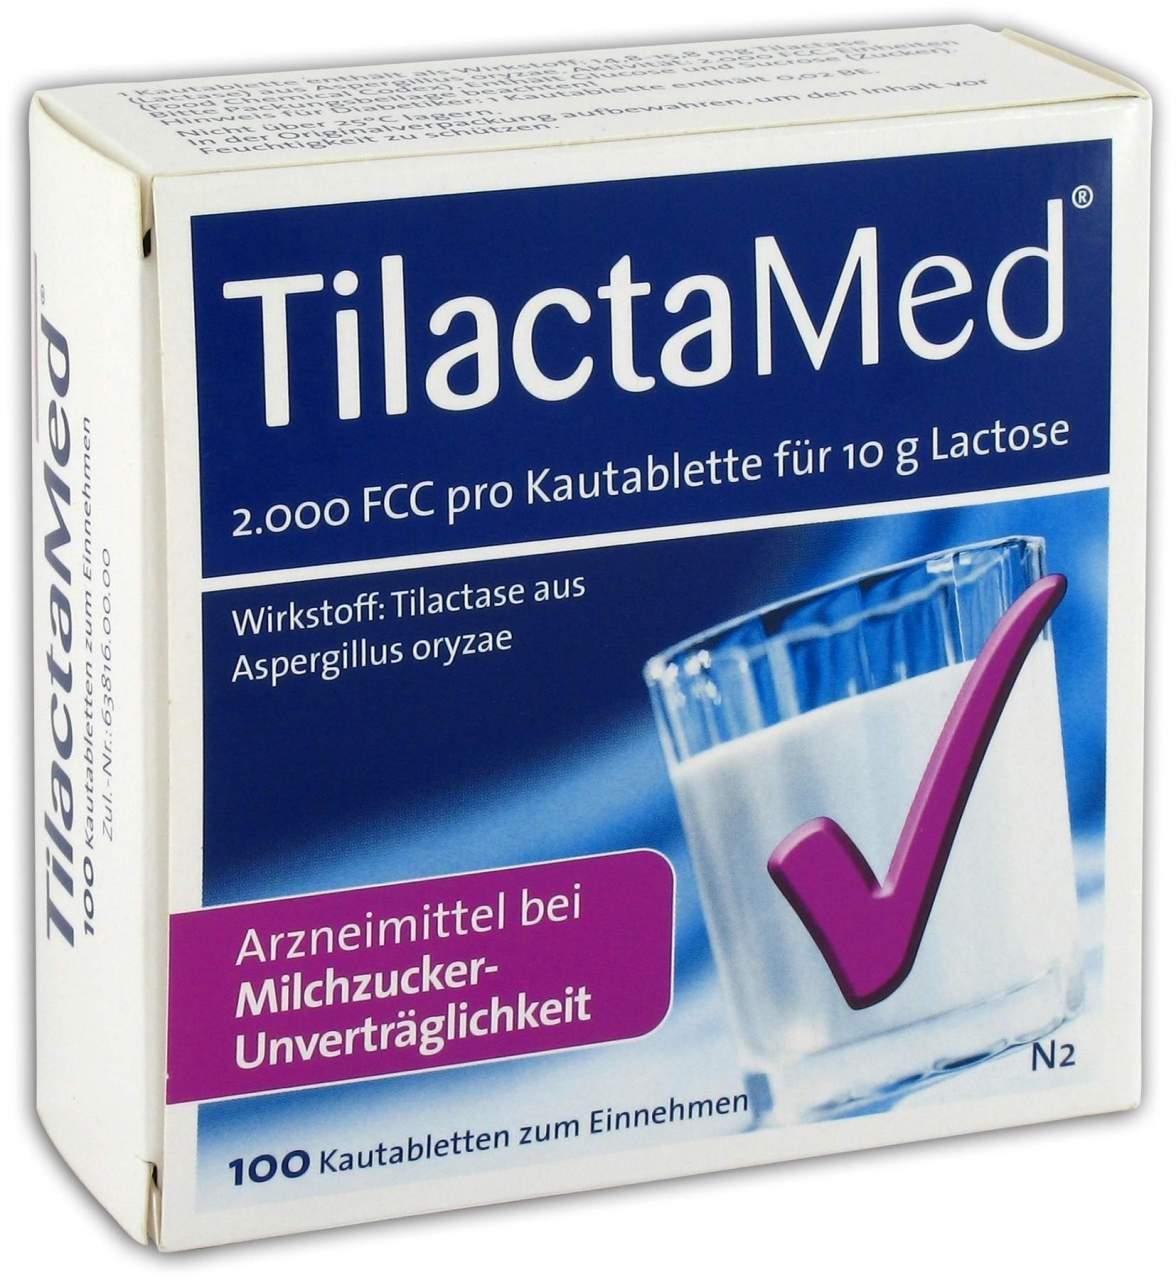 Tilactamed 100 Kautabletten